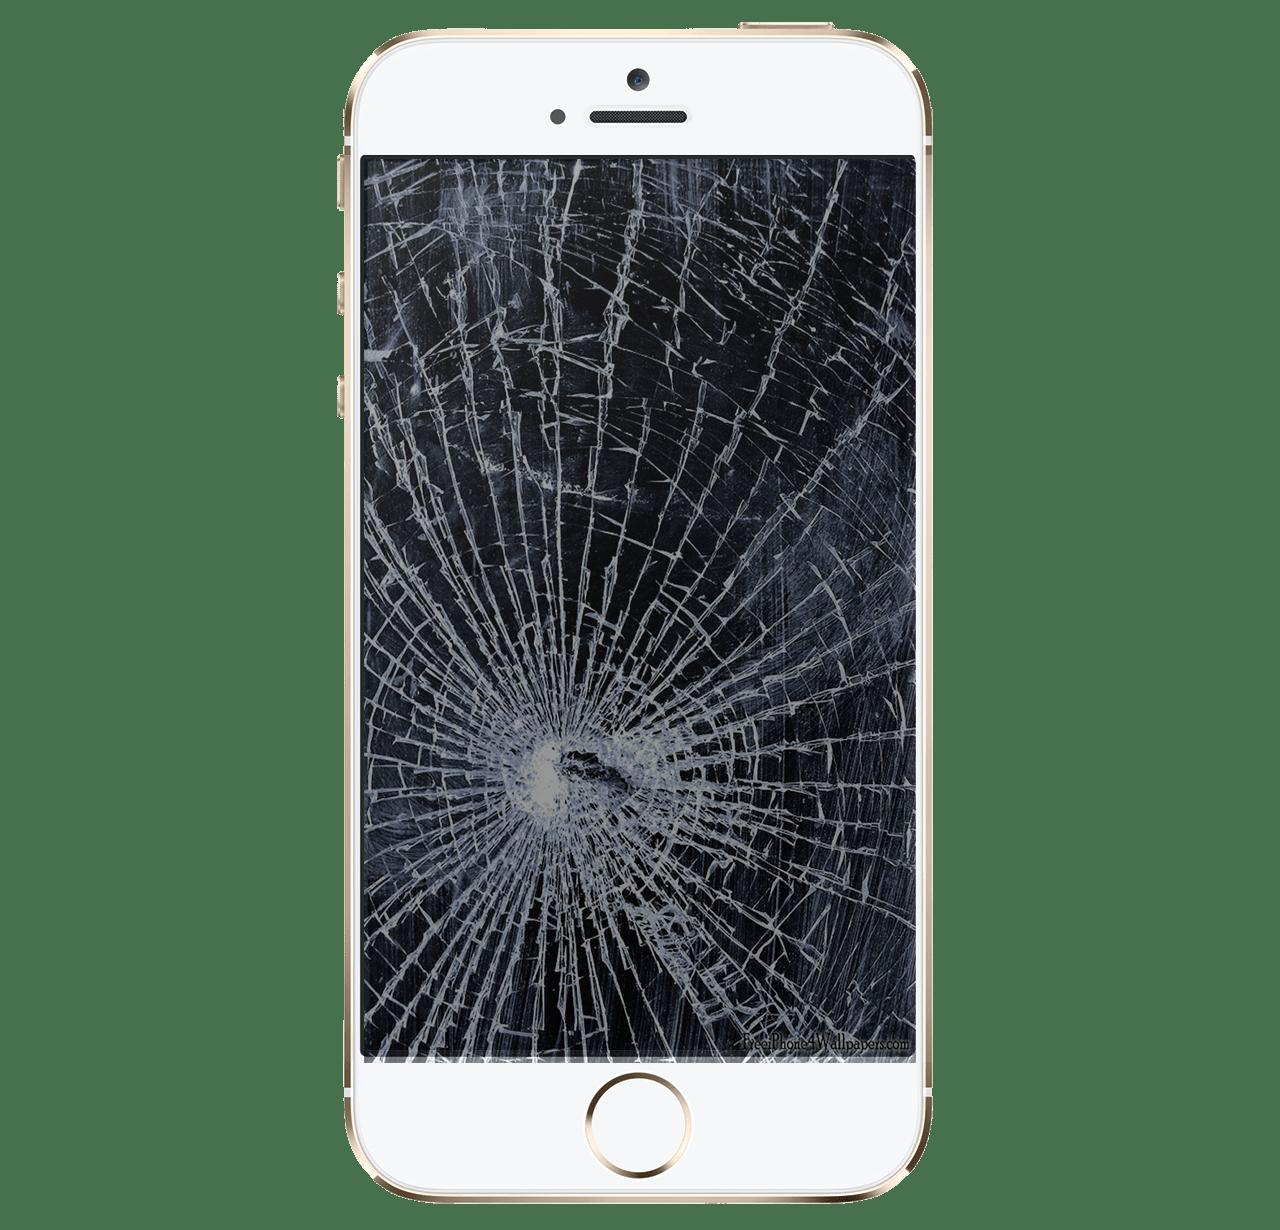 Iphone screen transparent png. Technology clipart broken